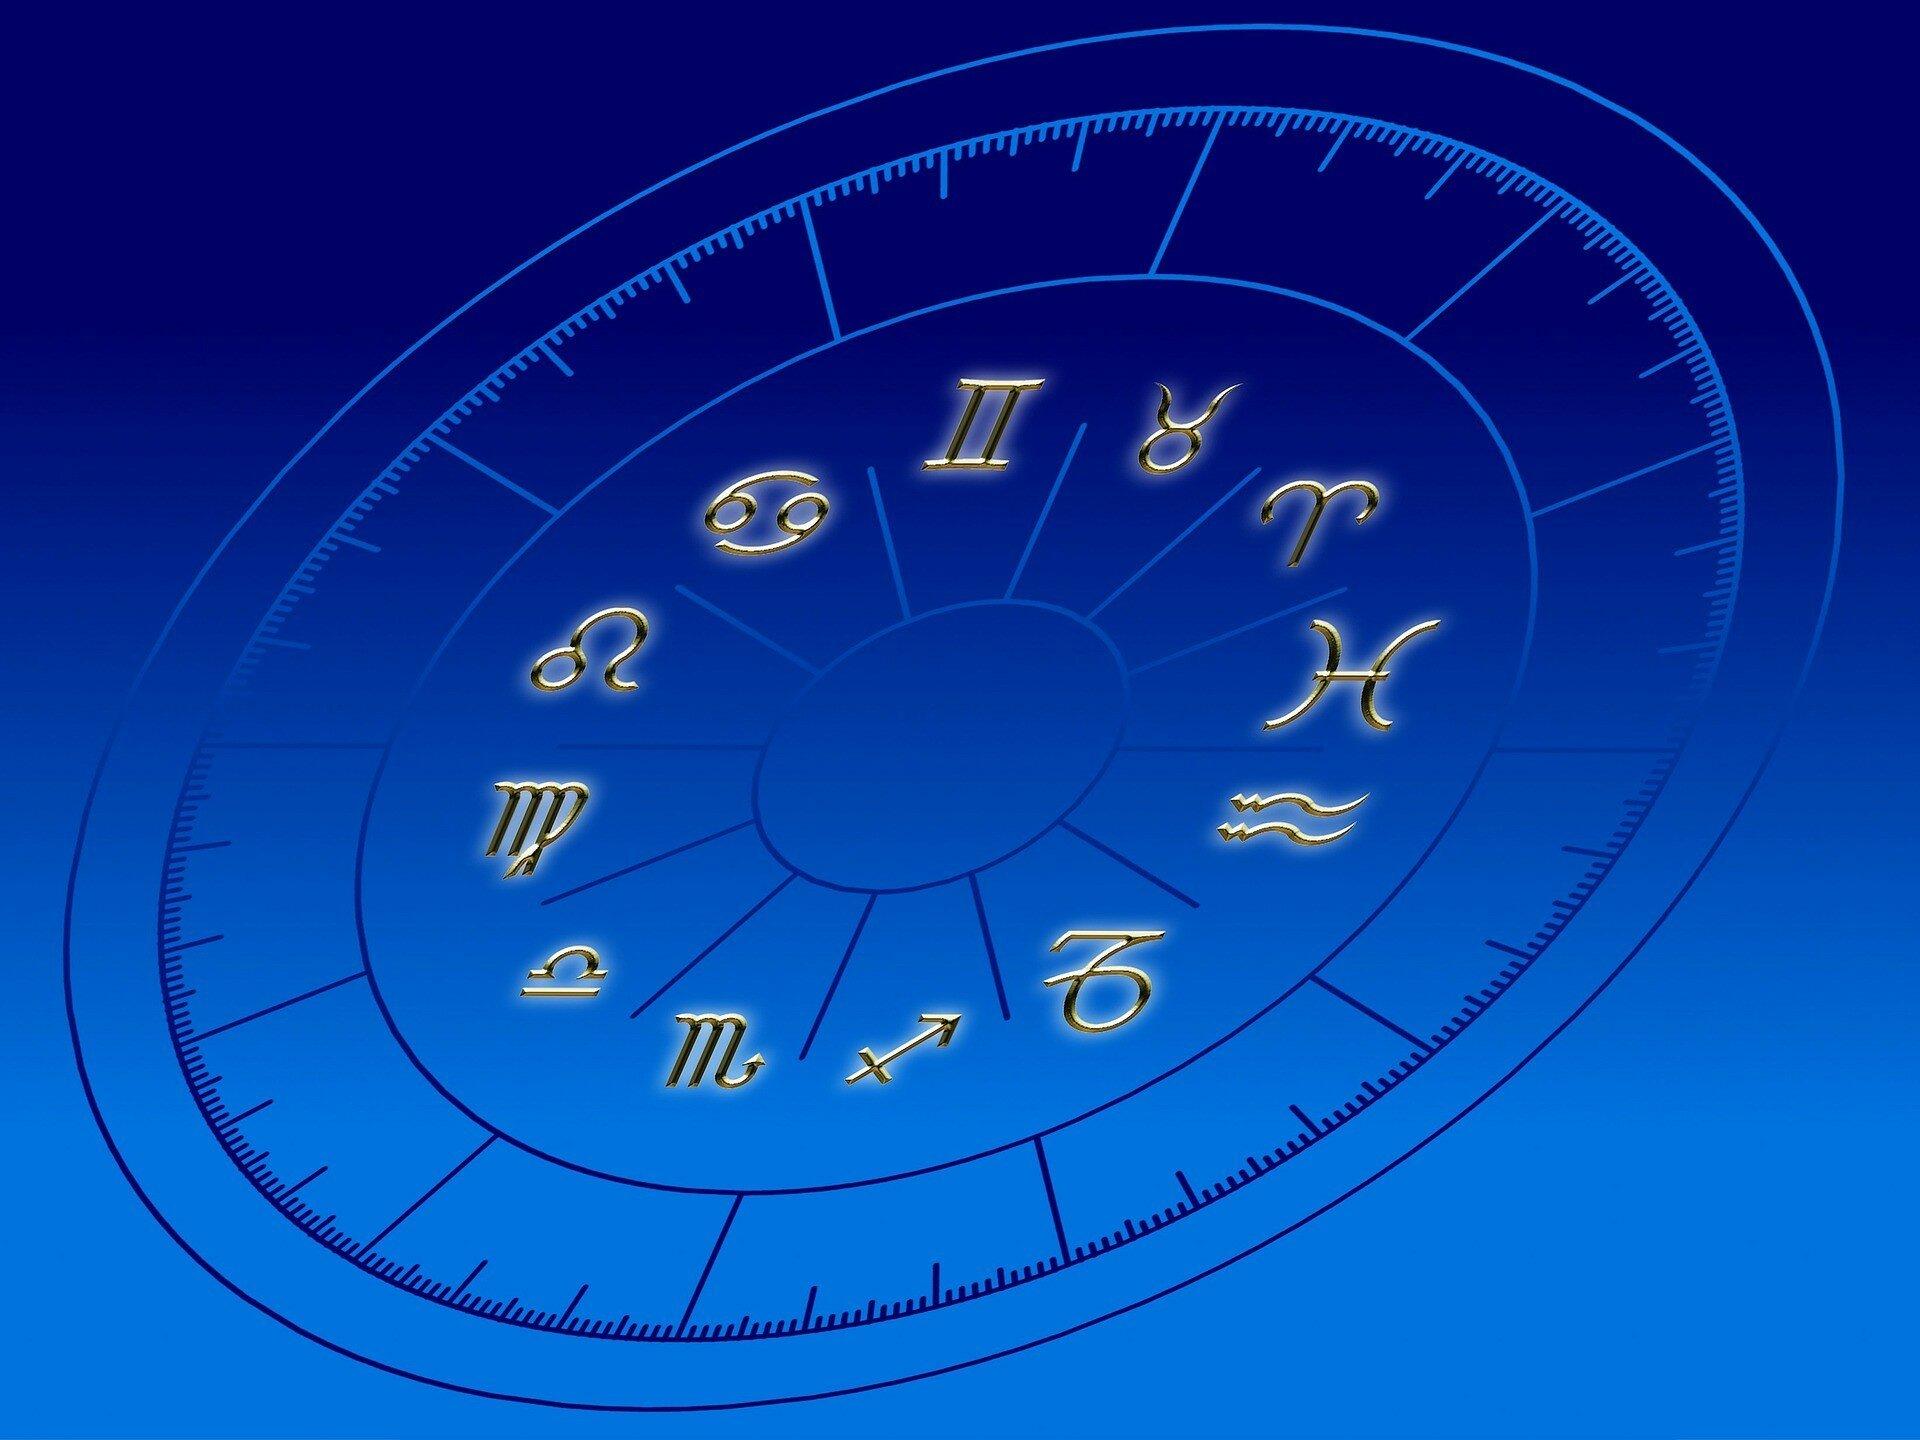 Гороскоп Павла Глобы на 9 апреля 2021: все знаки зодиака